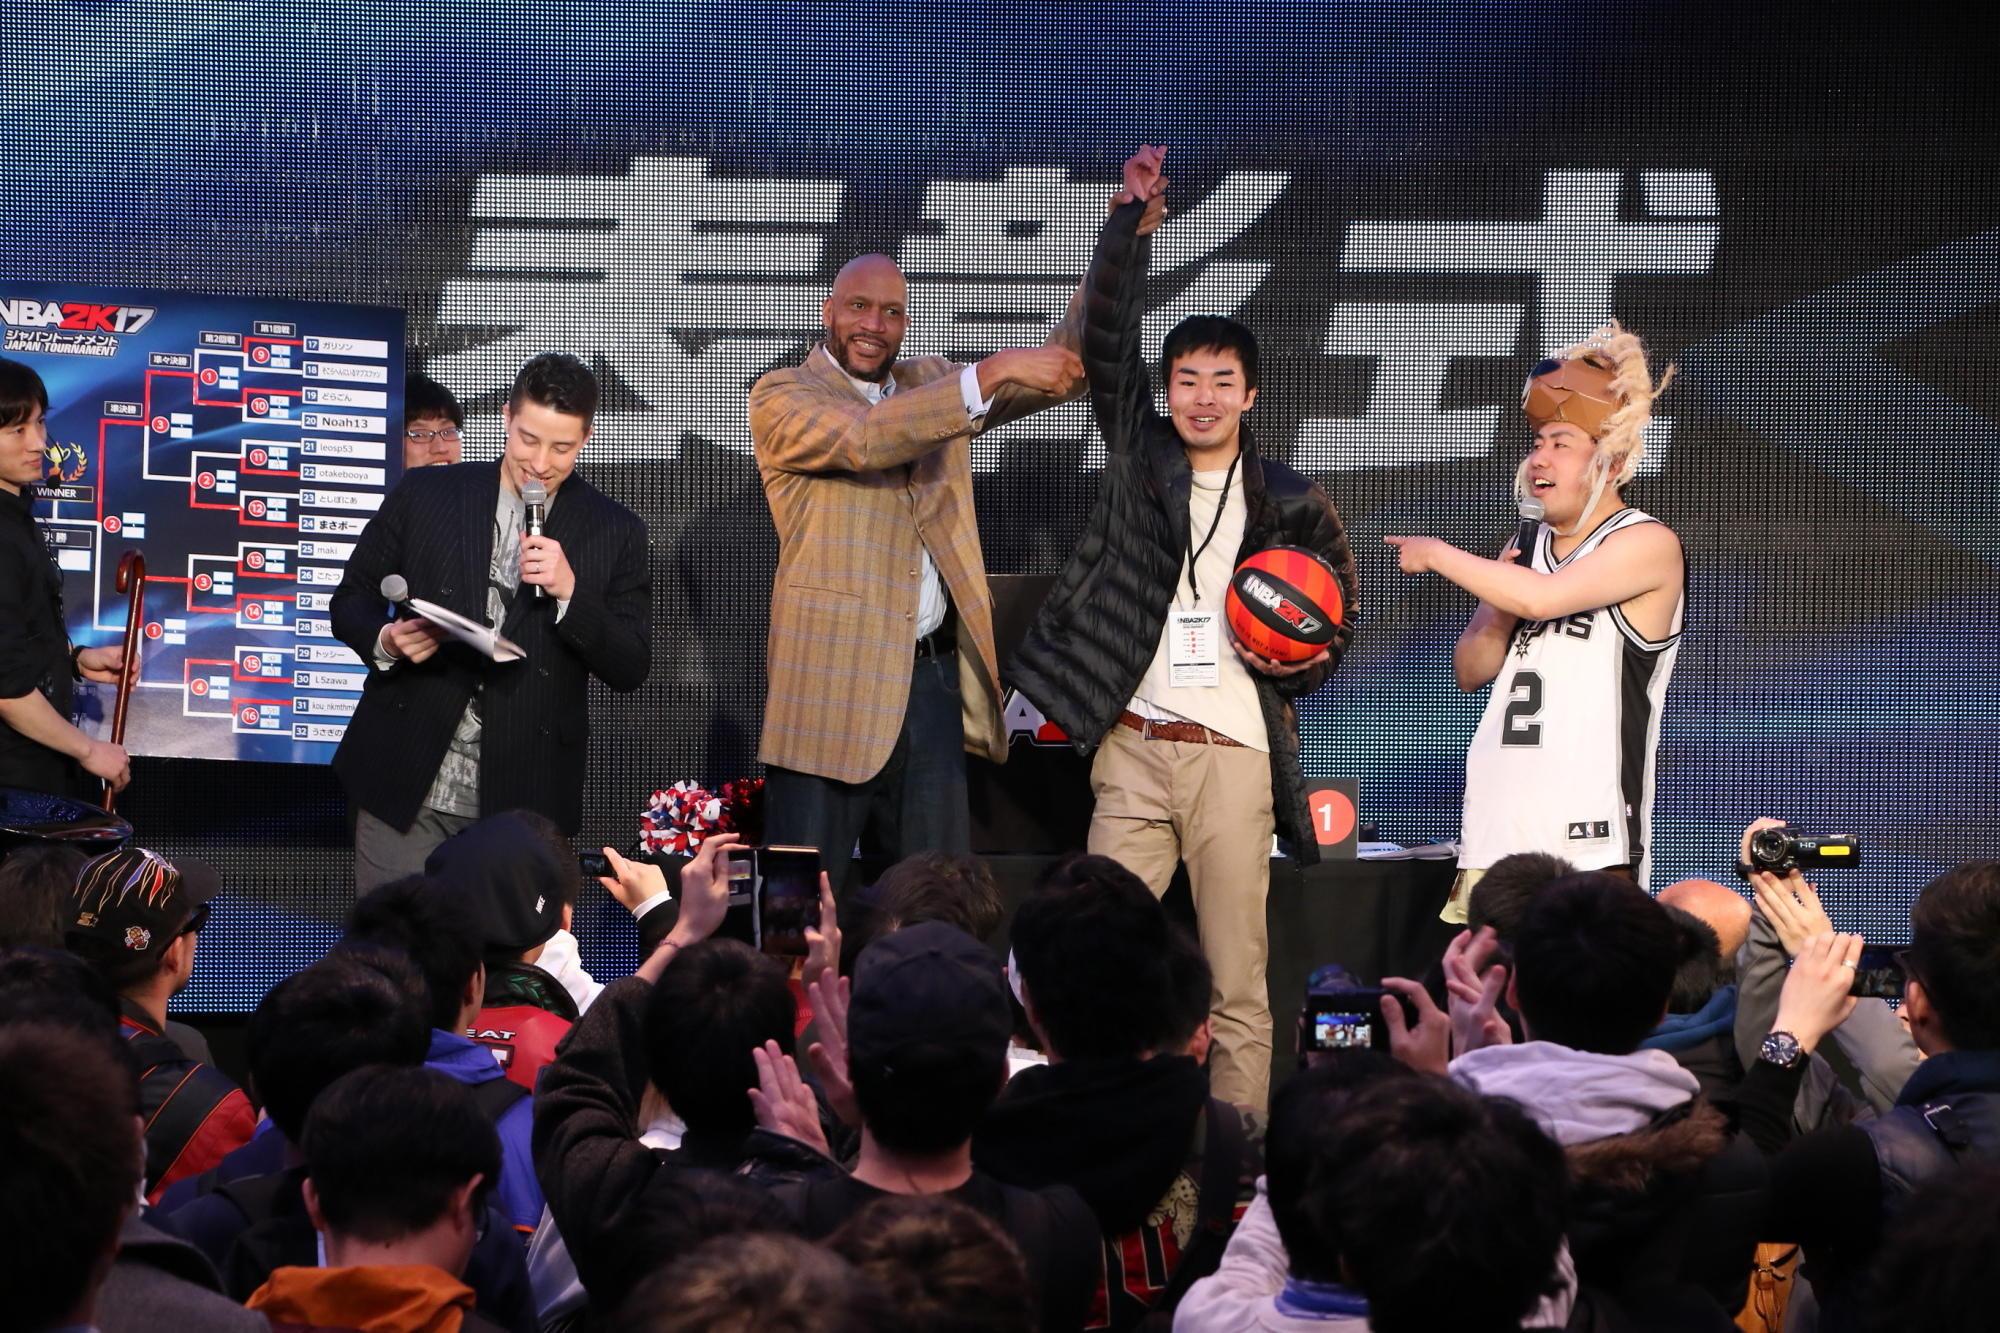 http://news.yoshimoto.co.jp/20170313140733-dec0677fdc46724b479ae5652c4d7635b3d0f9f2.jpg